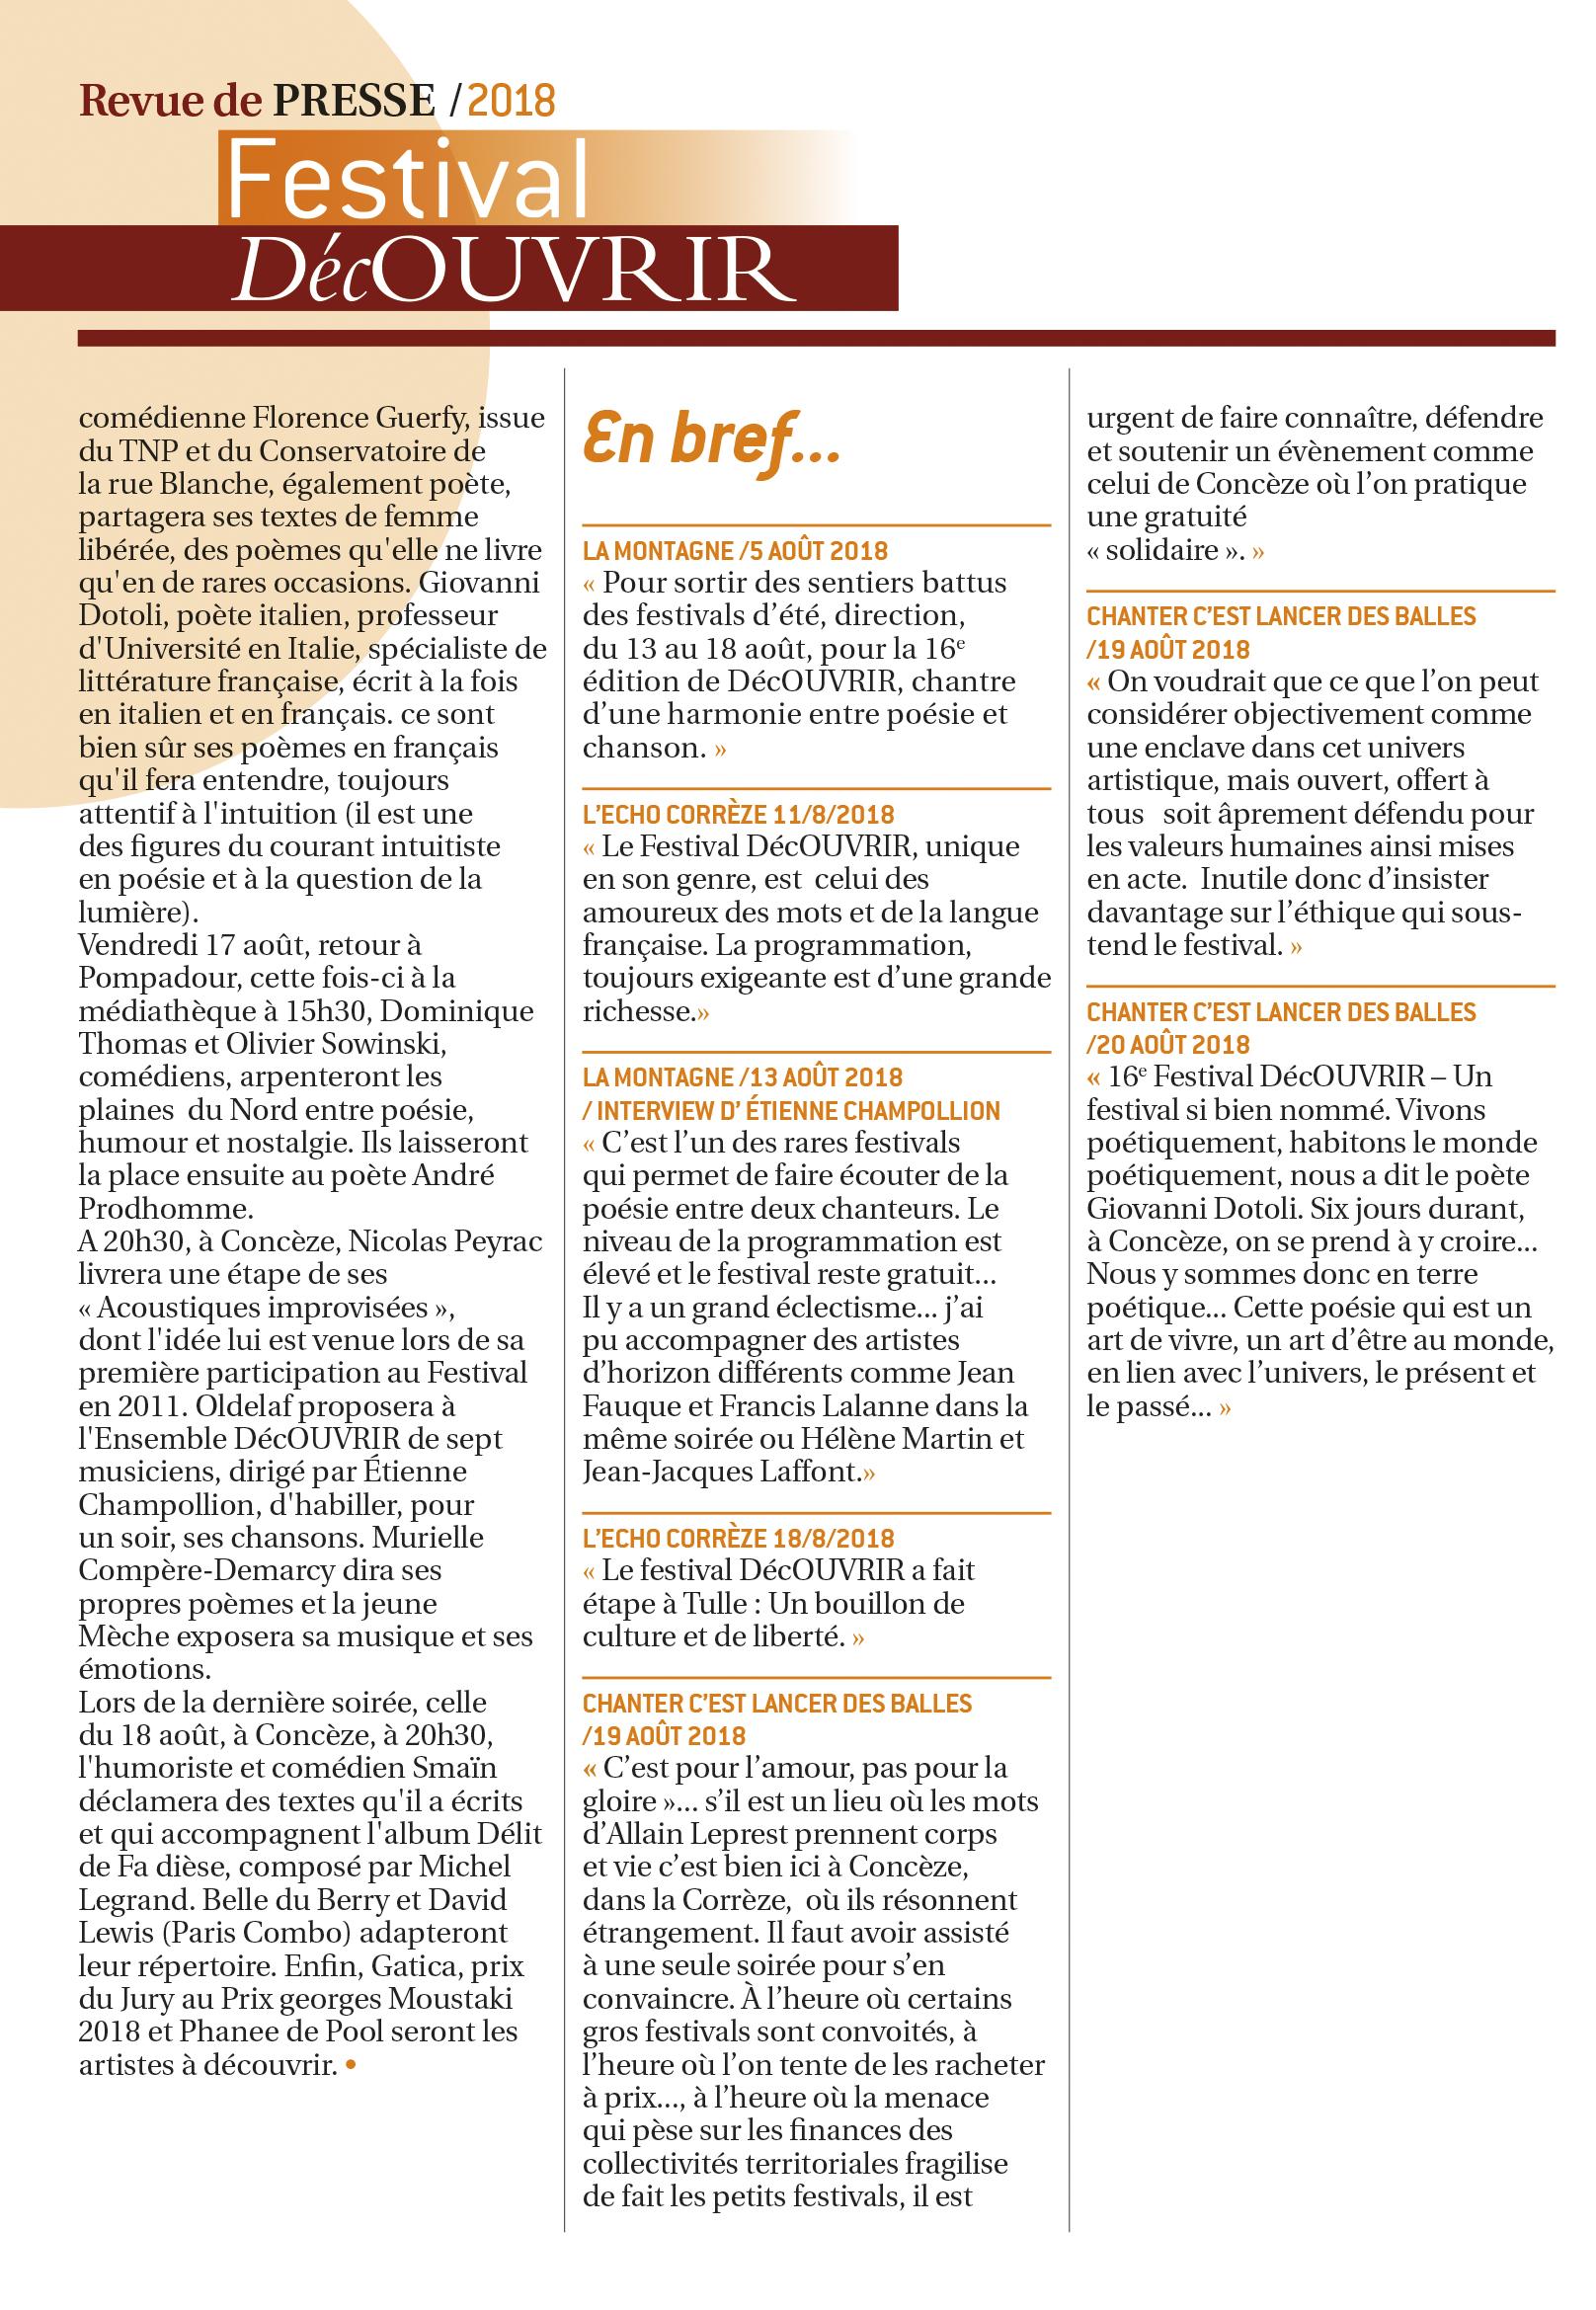 Revue de Presse FDC 2018-5